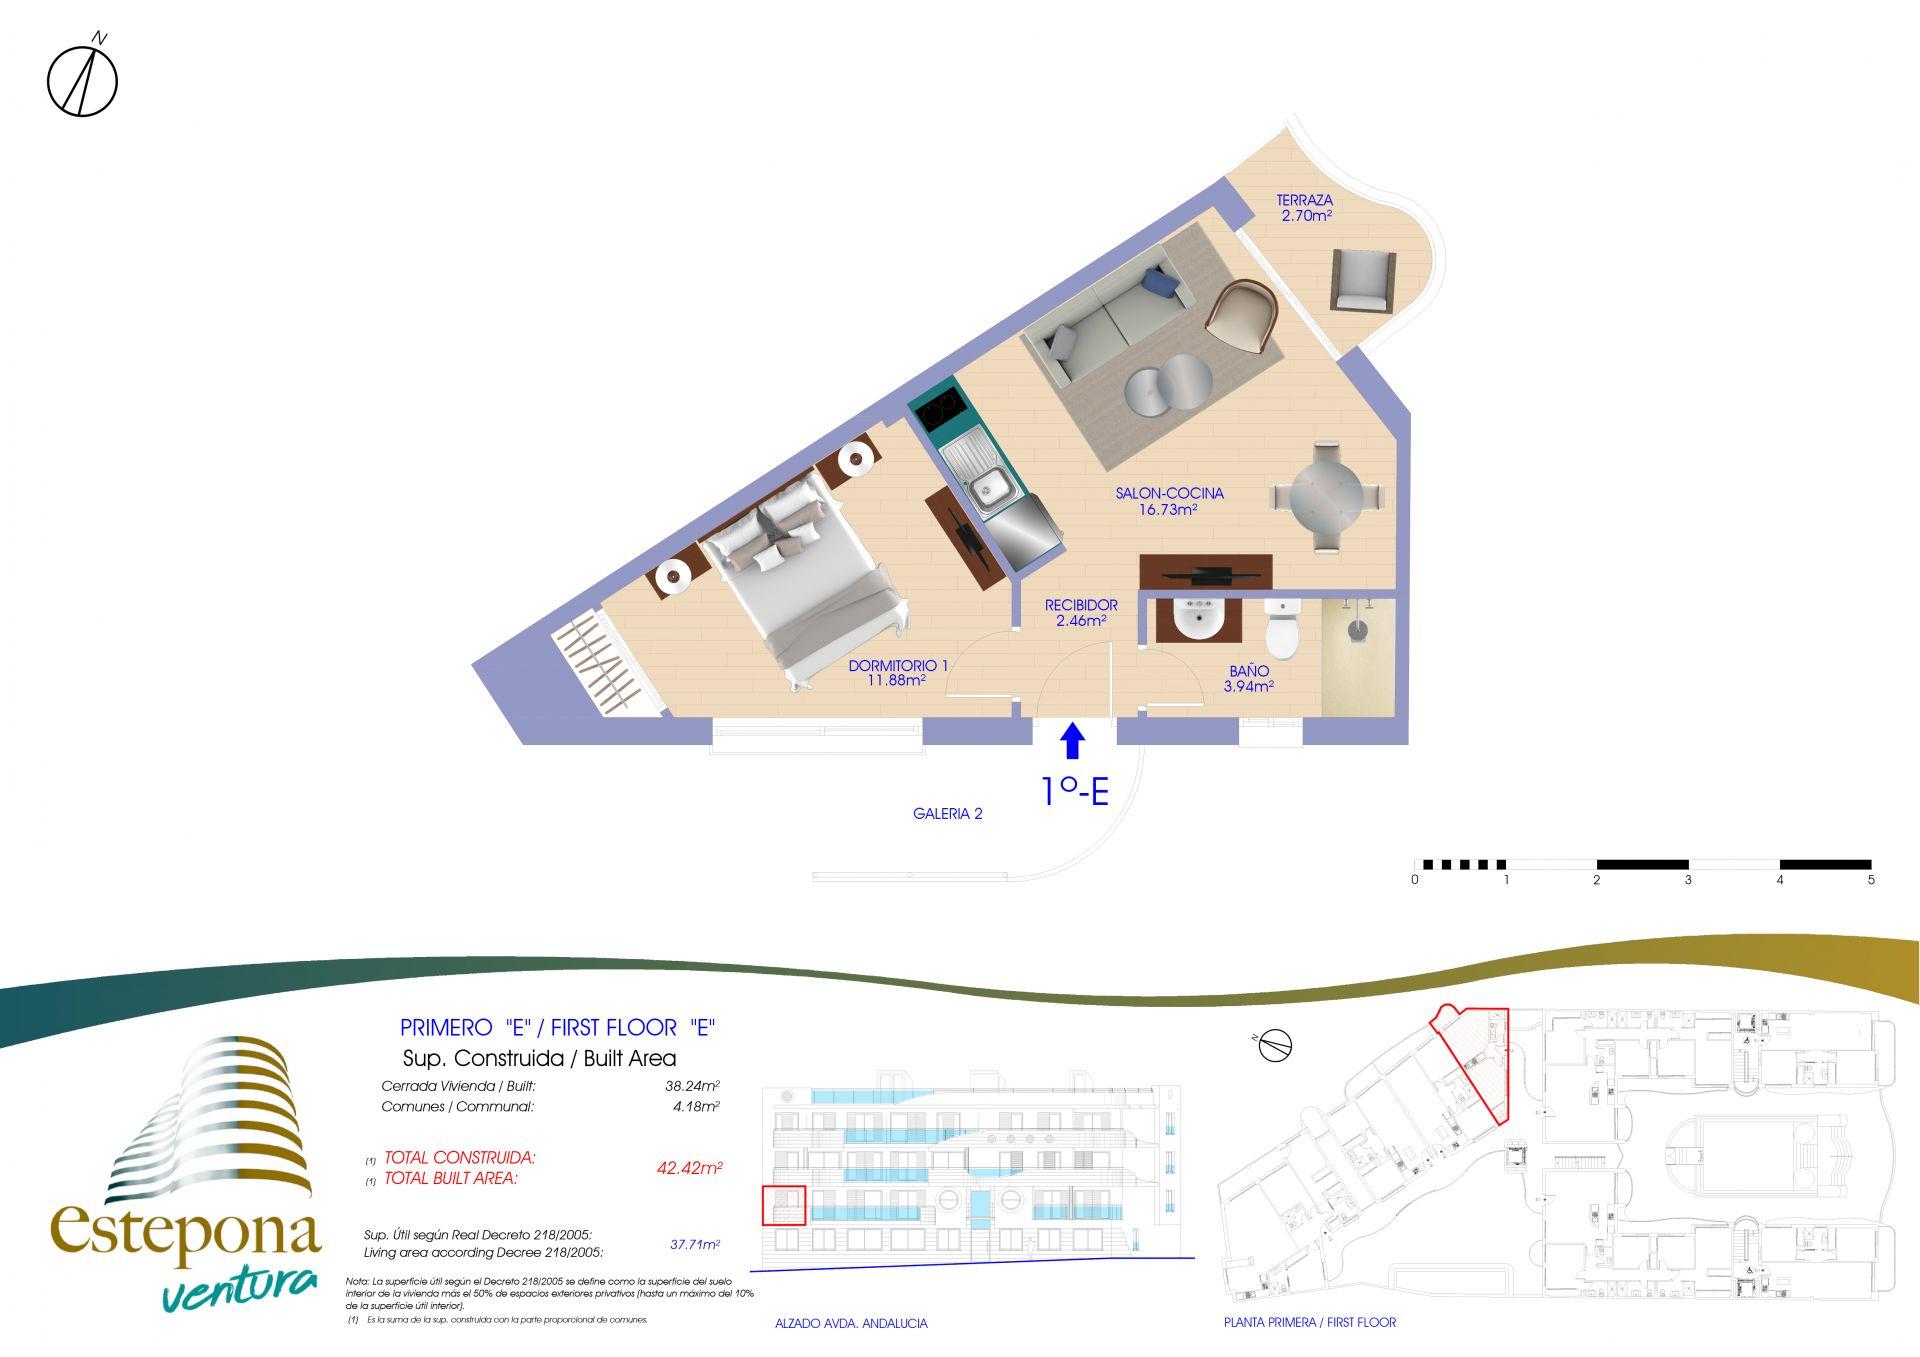 20201221 1º E  - Ventura Estepona | Compra de casa en Estepona